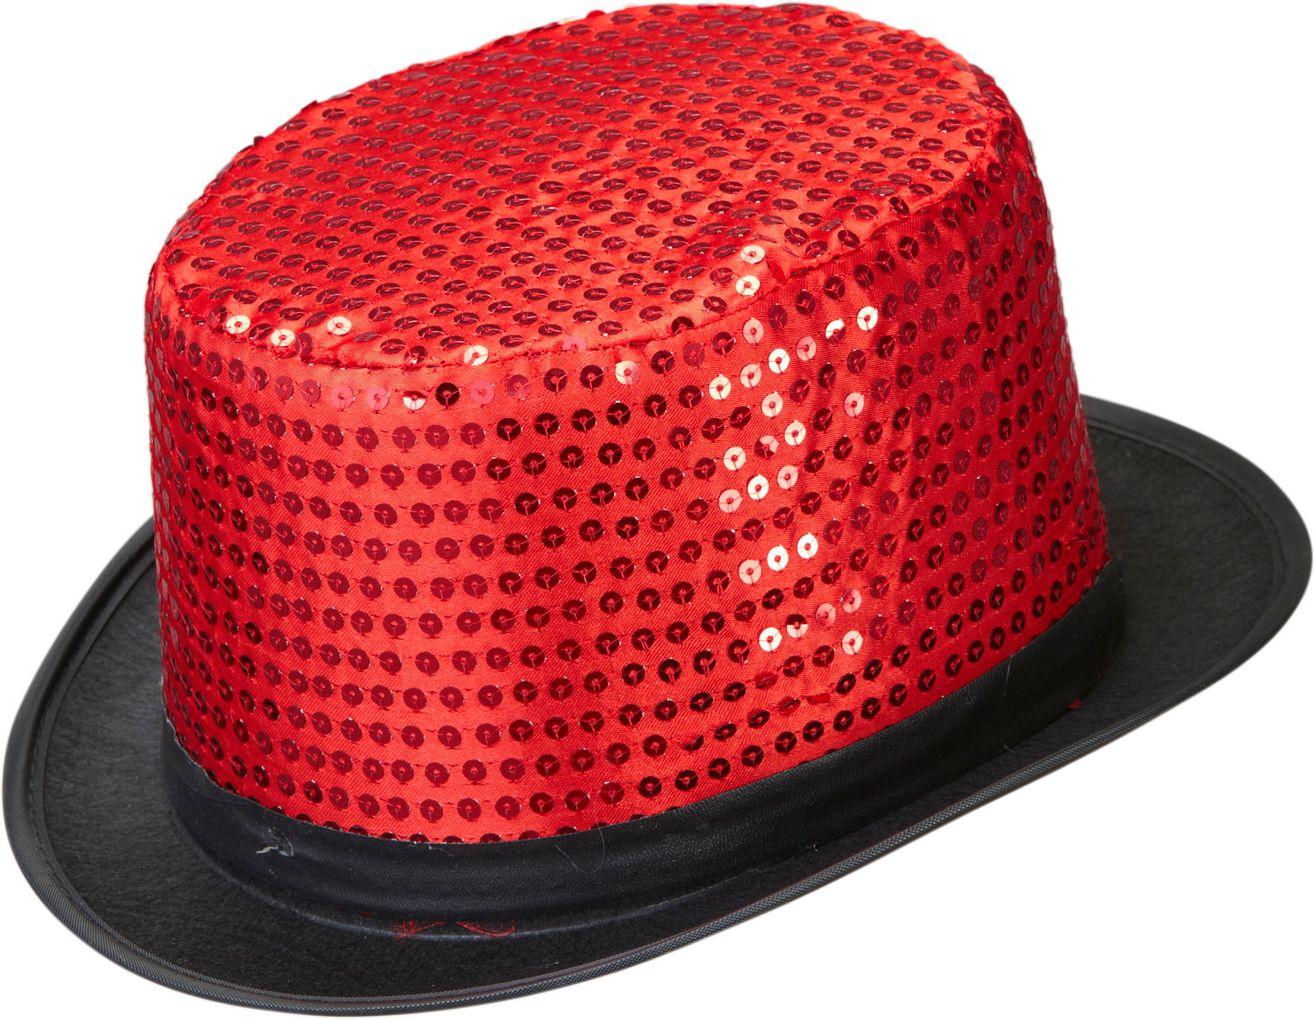 Rode pailletten hoge hoed